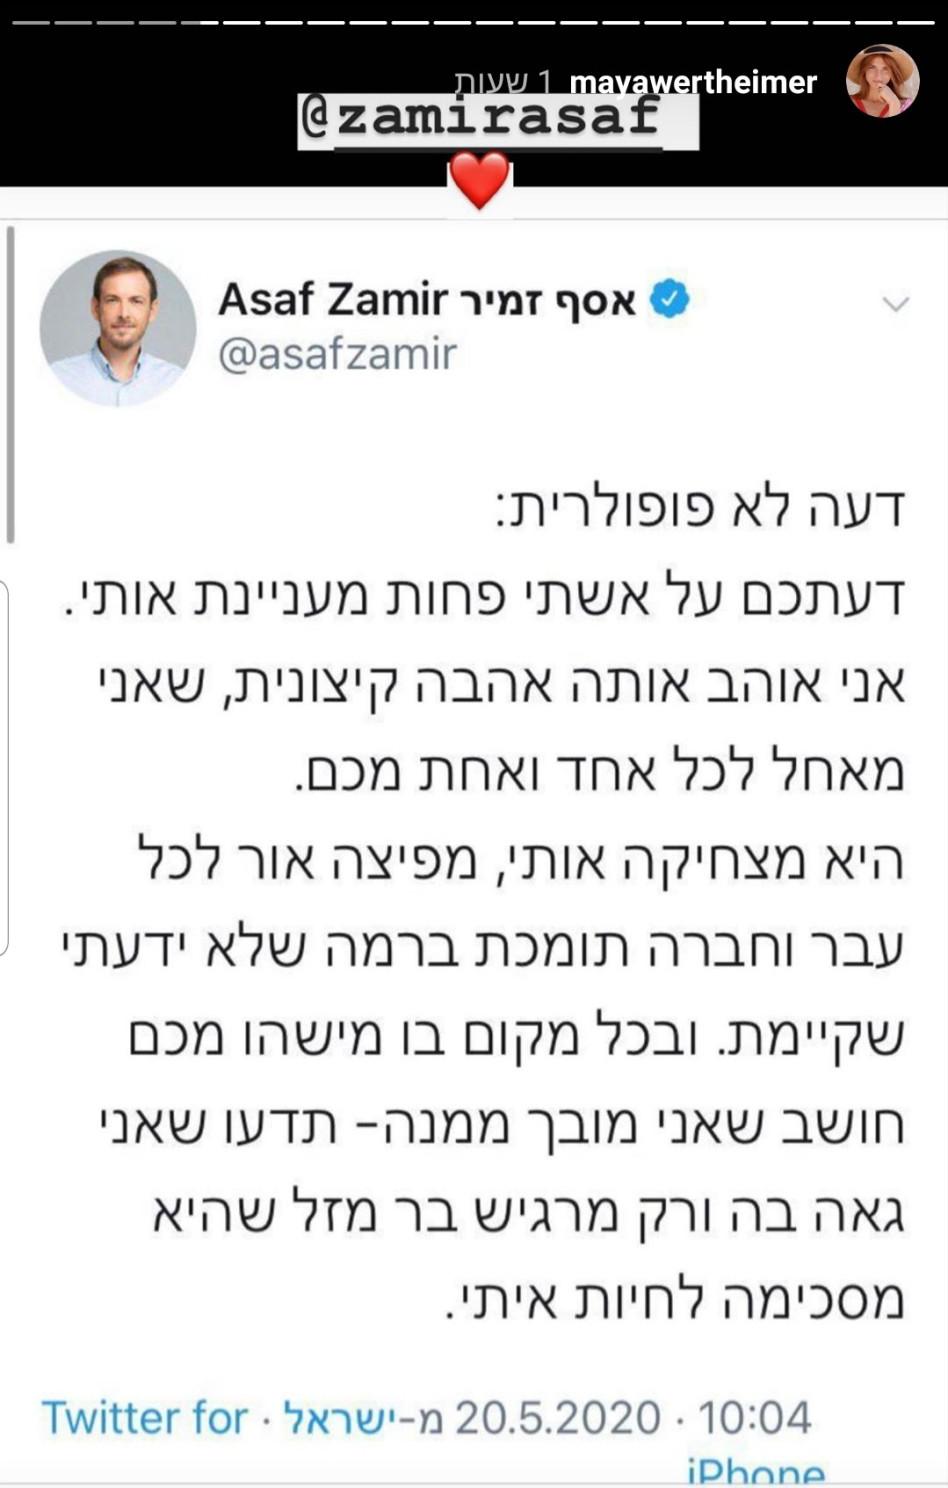 אסף זמיר תומך באשתו (צילום: צילום מסך אינסטגרם)